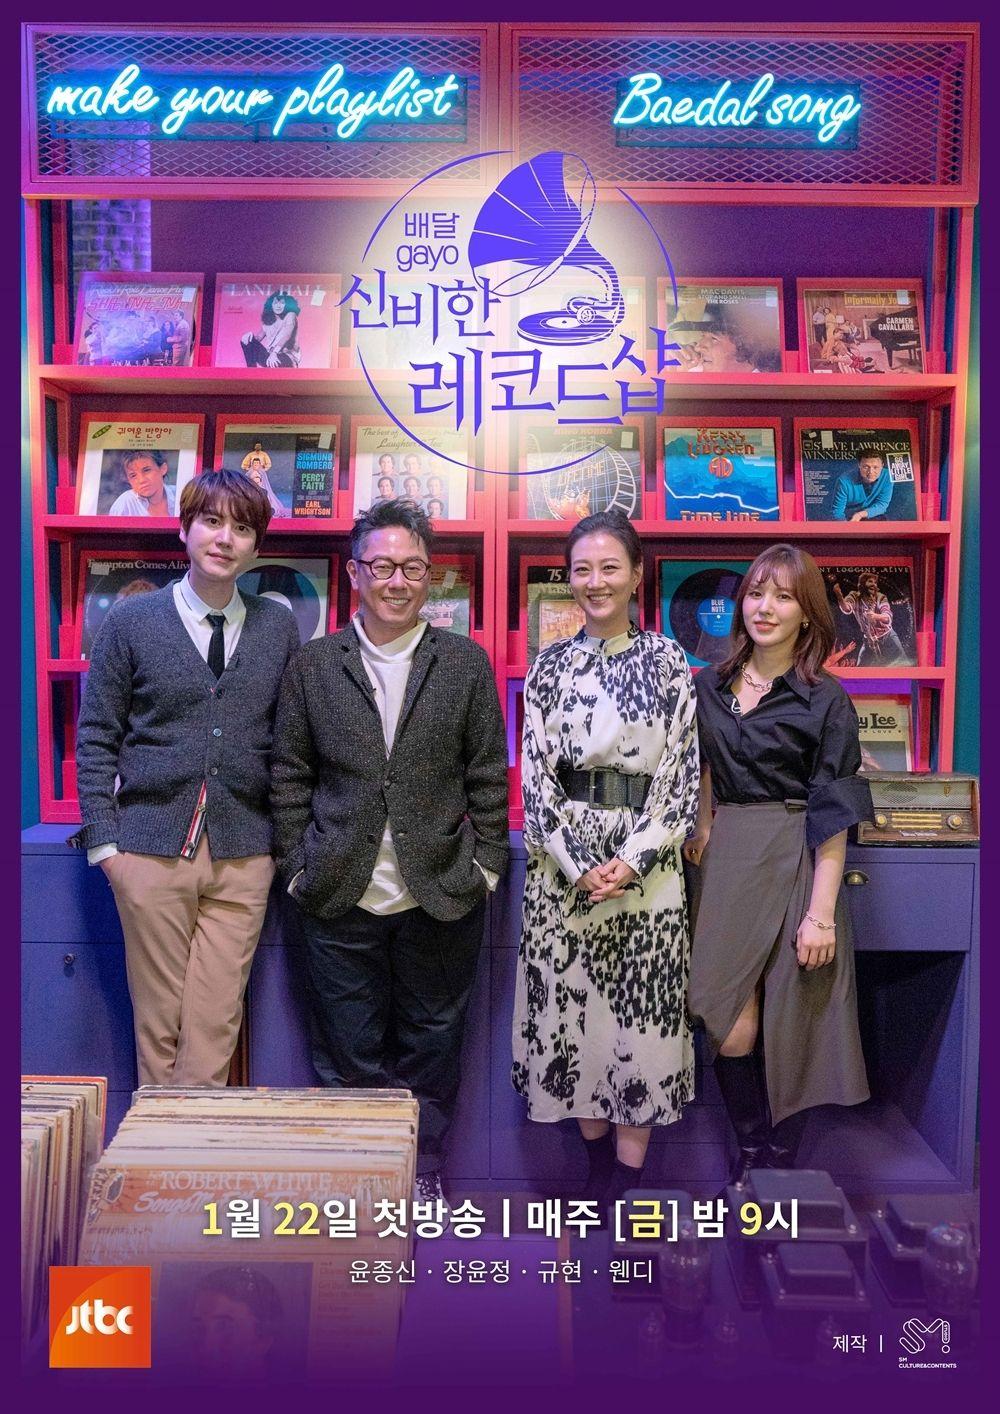 배달gayo - 신비한 레코드 샵 (recordshop)